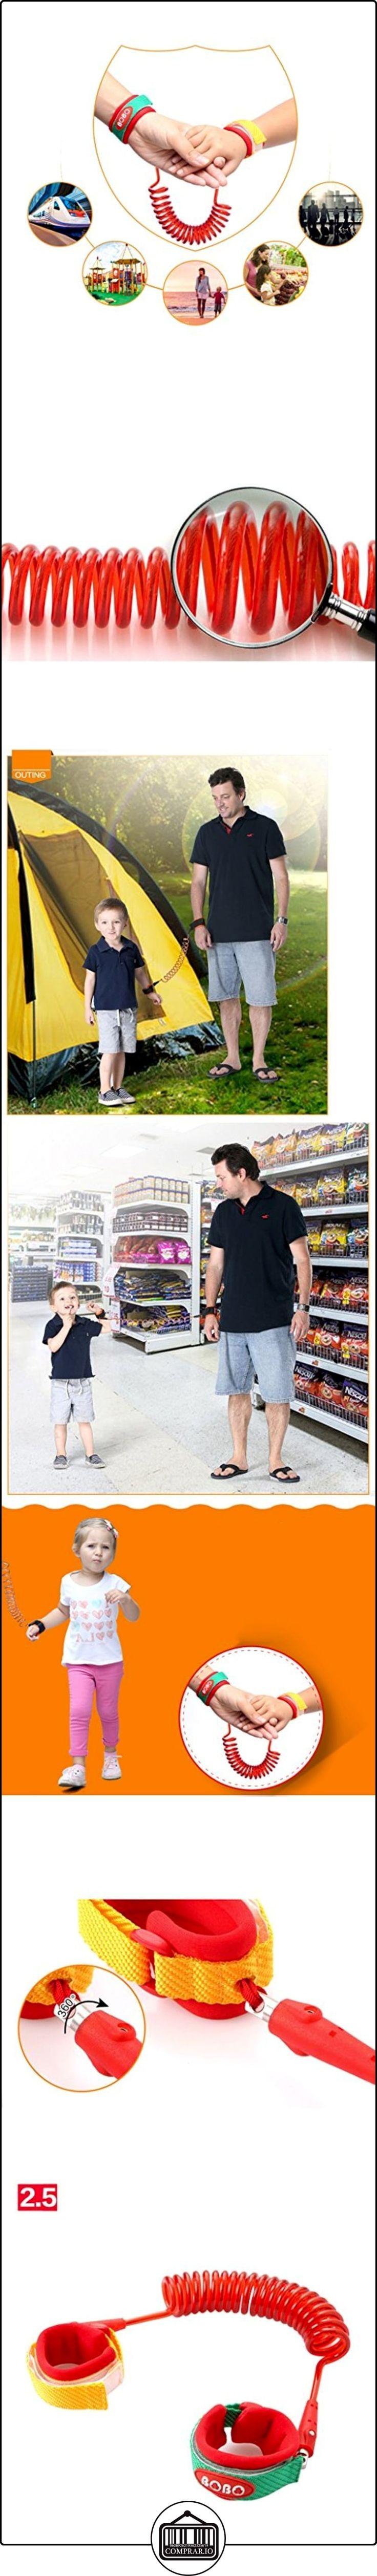 HOME de los niños contra la pérdida de tracción de la cuerda del bebé infantil de los niños contra la pérdida de la mano del anillo Tijeras INFANTILES PERDIDO DRAGON ROJO DEL ENCANTO ( Tamaño : 2.5m )  ✿ Seguridad para tu bebé - (Protege a tus hijos) ✿ ▬► Ver oferta: http://comprar.io/goto/B01M0XPX7Z